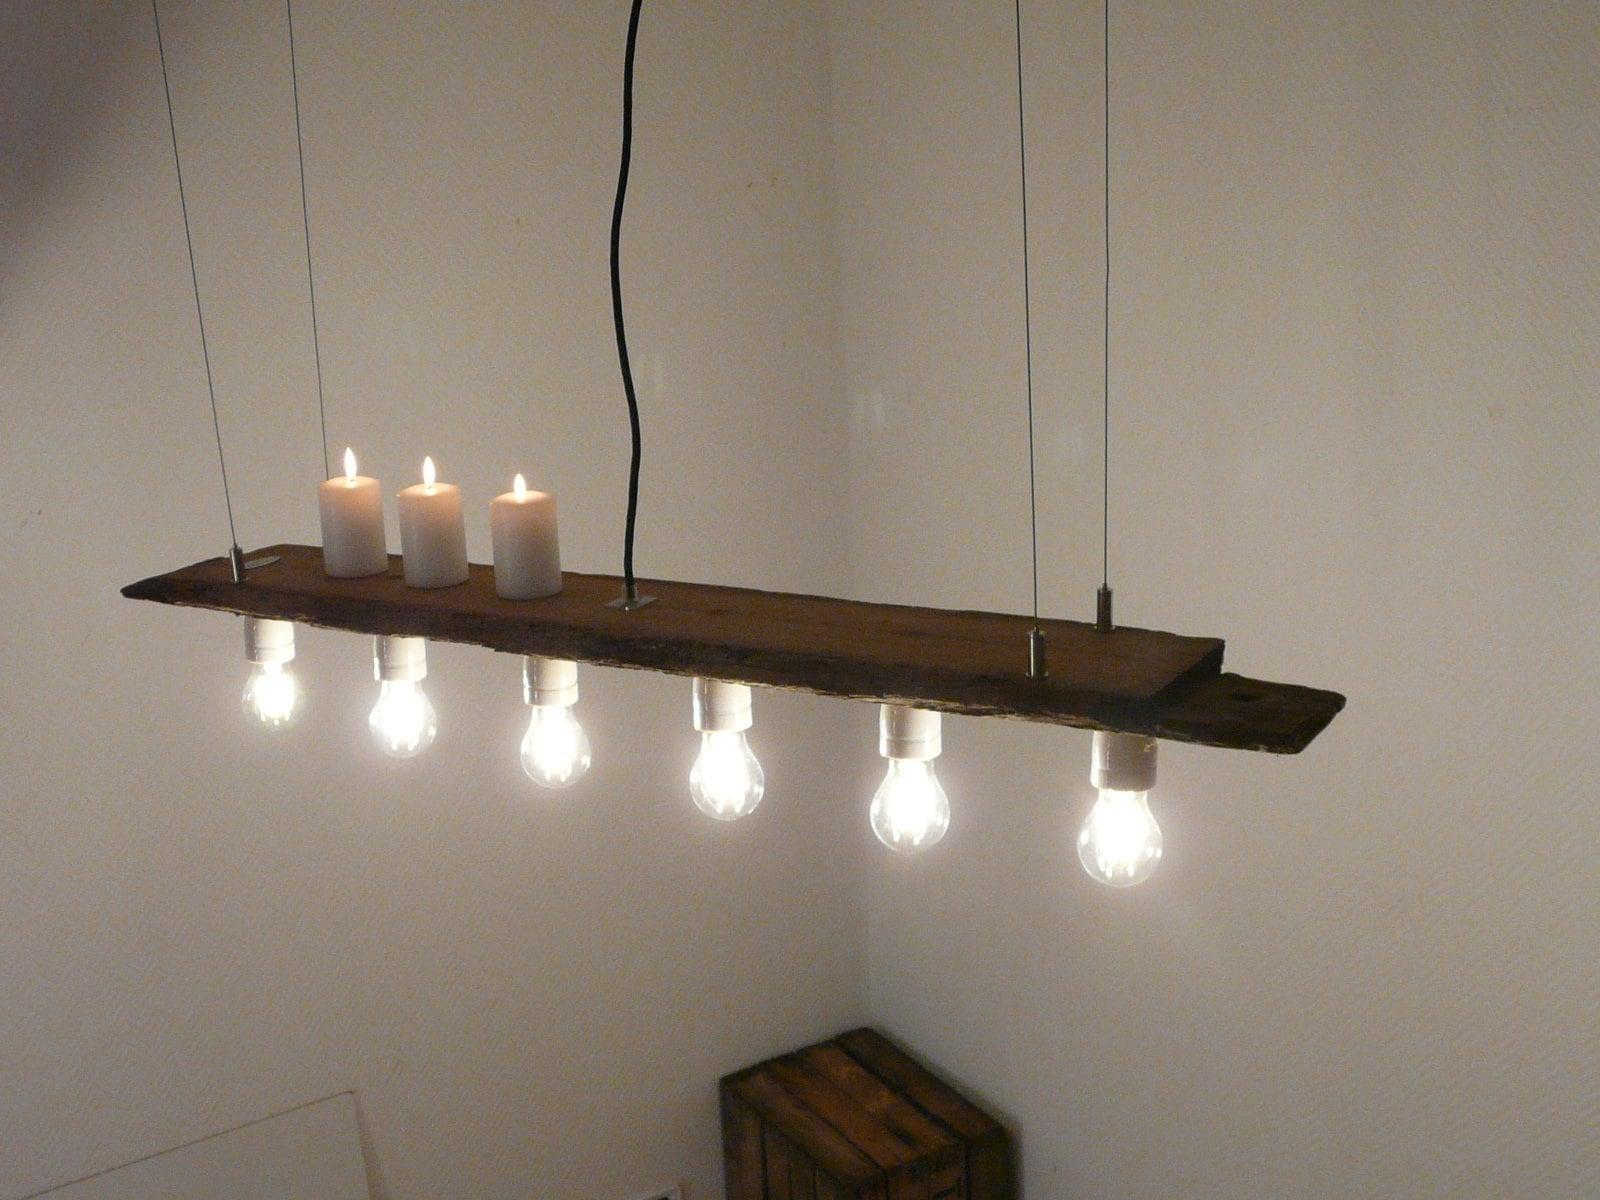 h ngelampe antikbalken leuchte balkenlampe etsy. Black Bedroom Furniture Sets. Home Design Ideas